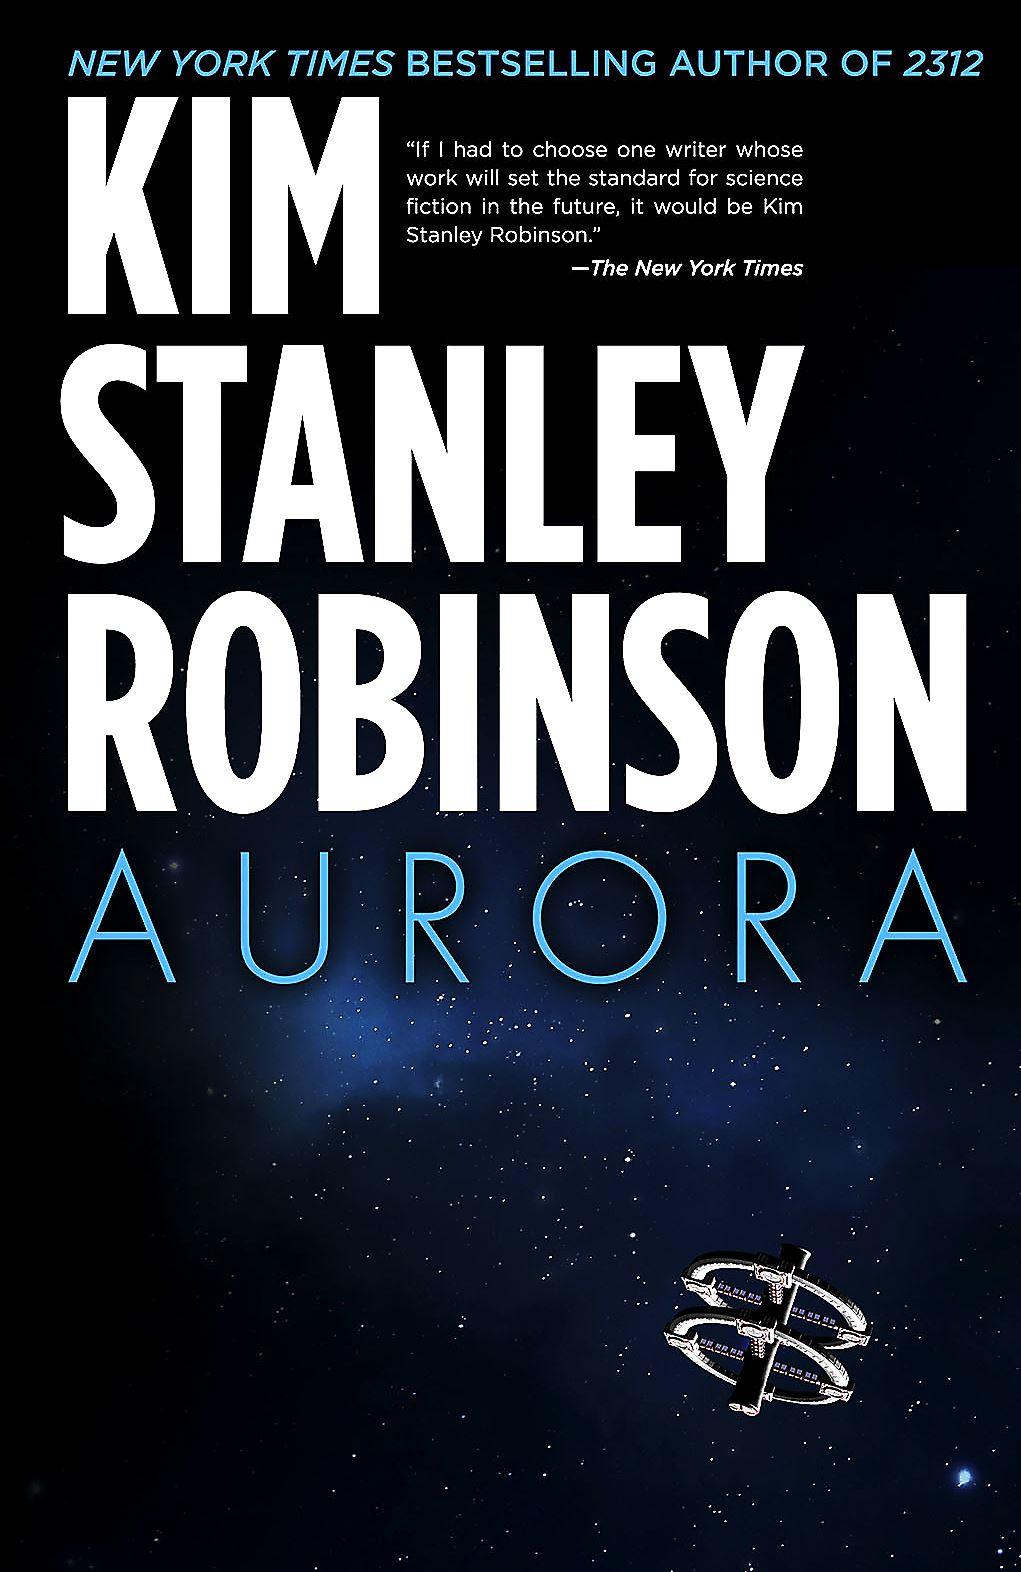 aurora_kimstanleyrobinson